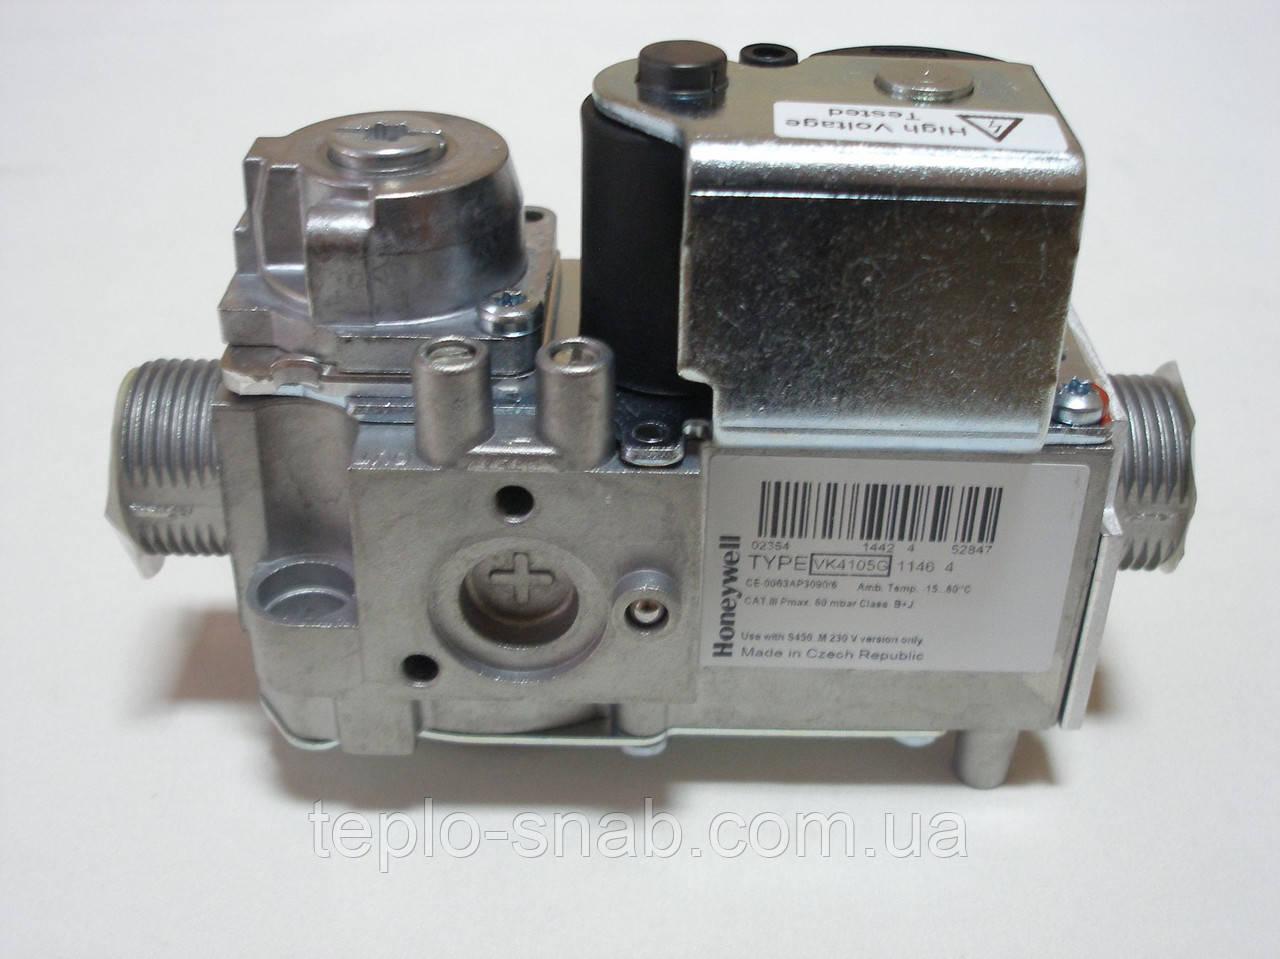 Газовый клапан Honeywell VK4105G1146U Protherm KLOM 16, KLZ 15, Leopard v15. 0020023220